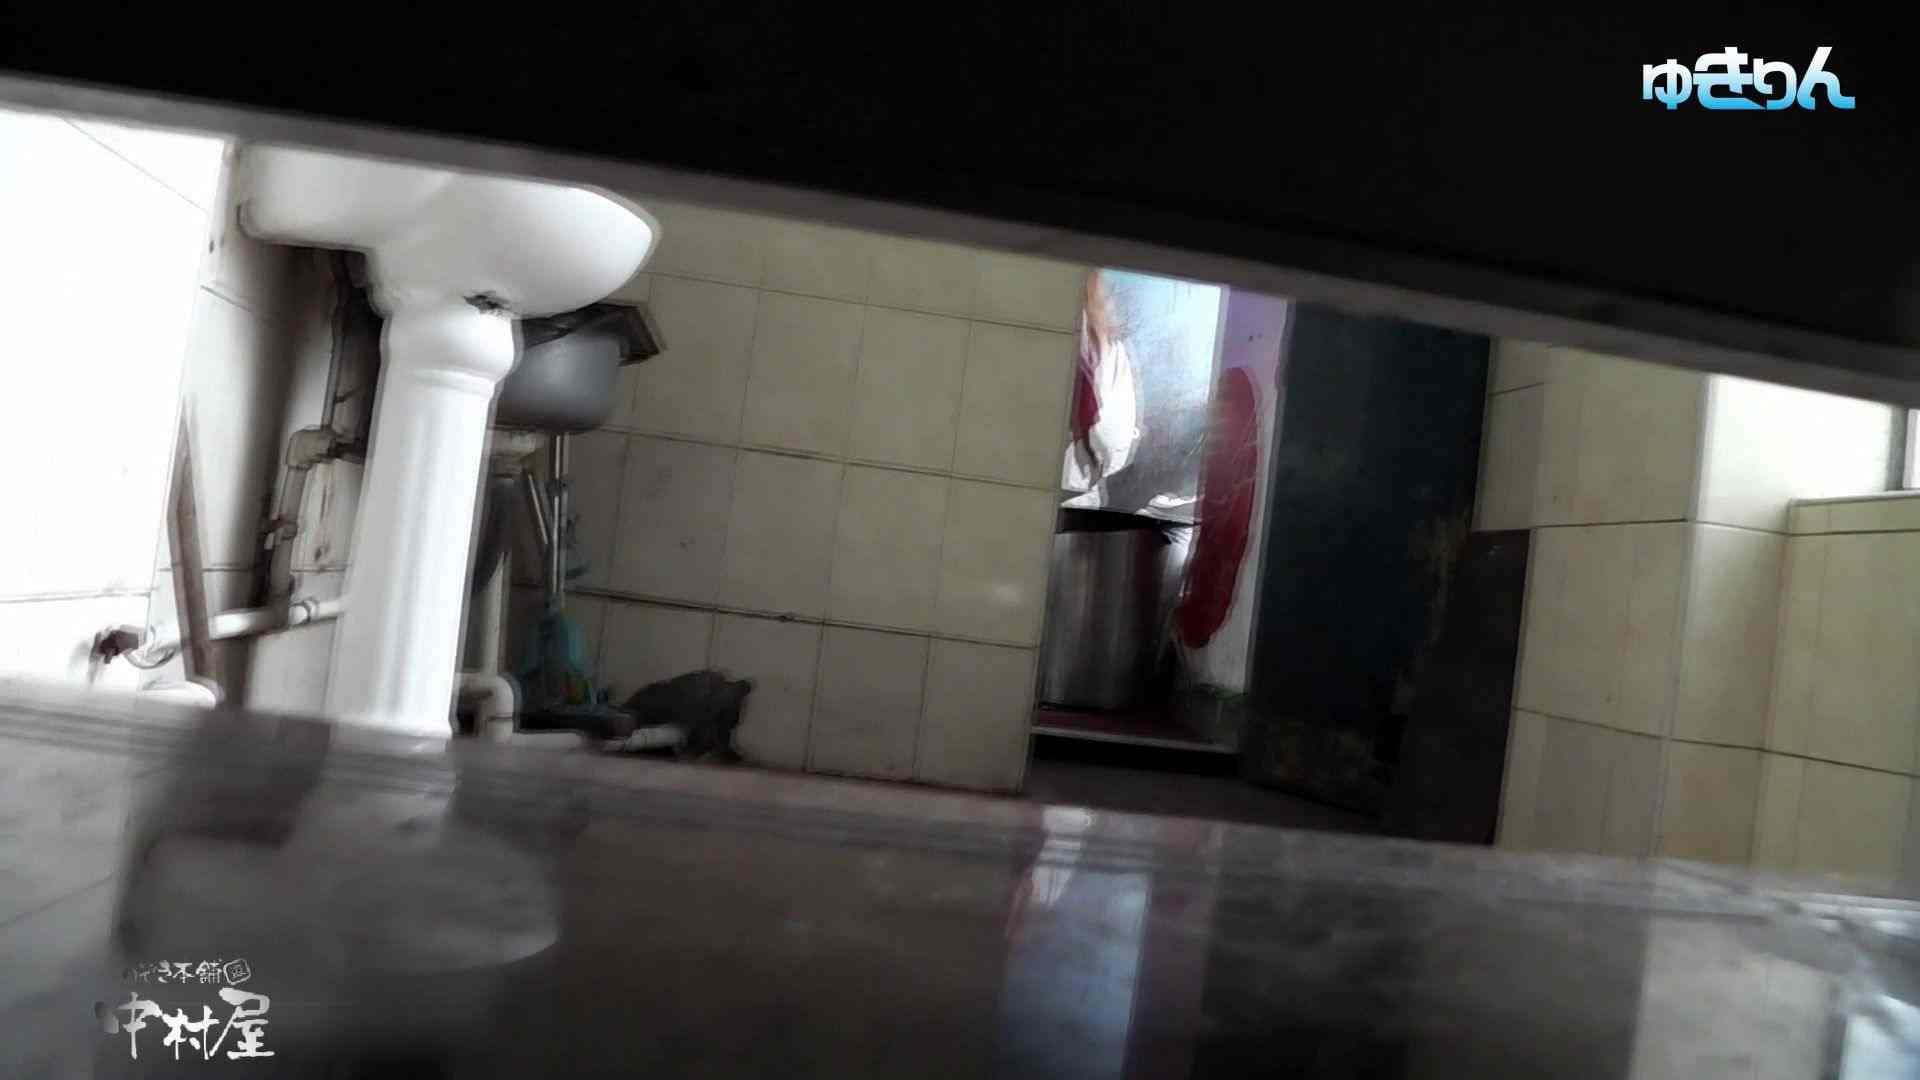 世界の射窓から~ステーション編 vol59 ユキリン奮闘!!新しいカメラに変更しました。中編 OLエロ画像  101PICs 72